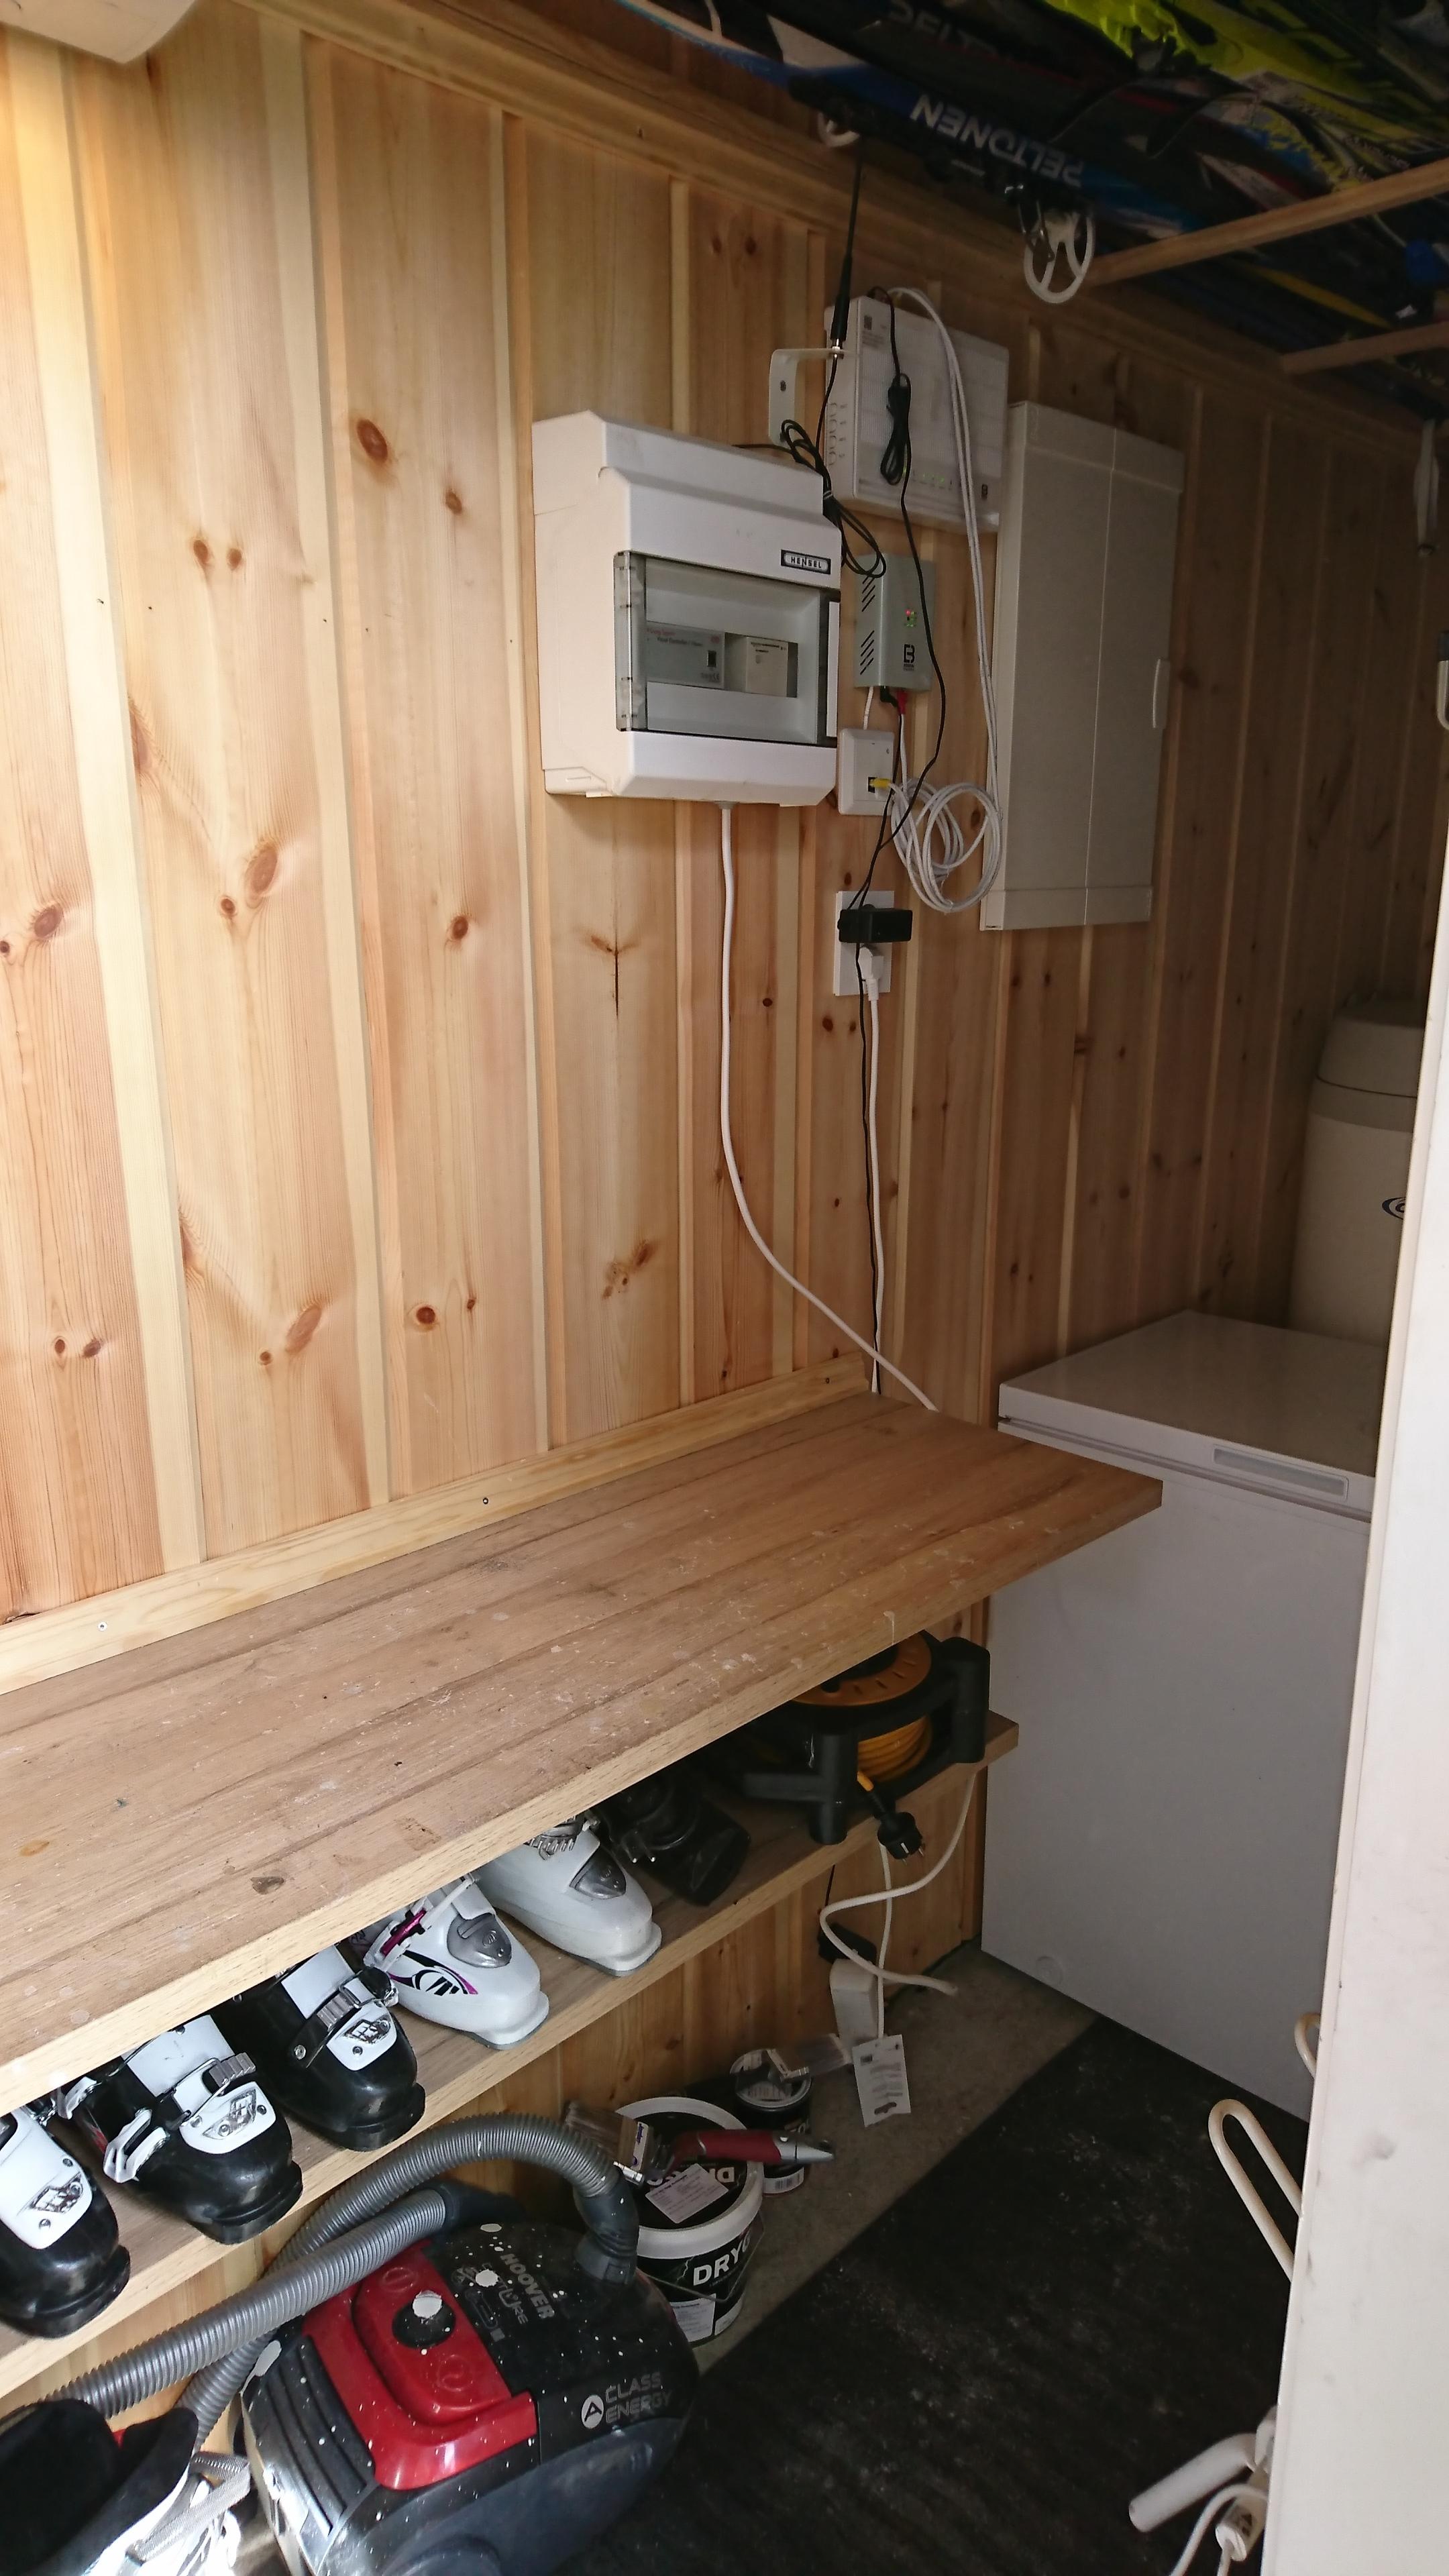 Her er smørebod, trådløst nettverk og stoppekran for vann bak fryseren. Den kranen kan være litt vanskelig å finne frem til.  Hvis det er trøbbel med nettverket så kan det være lurt å ta av strømmen i noen sekunder og starte på nytt.  Nøkkelen til boden ligger på kommoden på det store soverommet i første etasje.